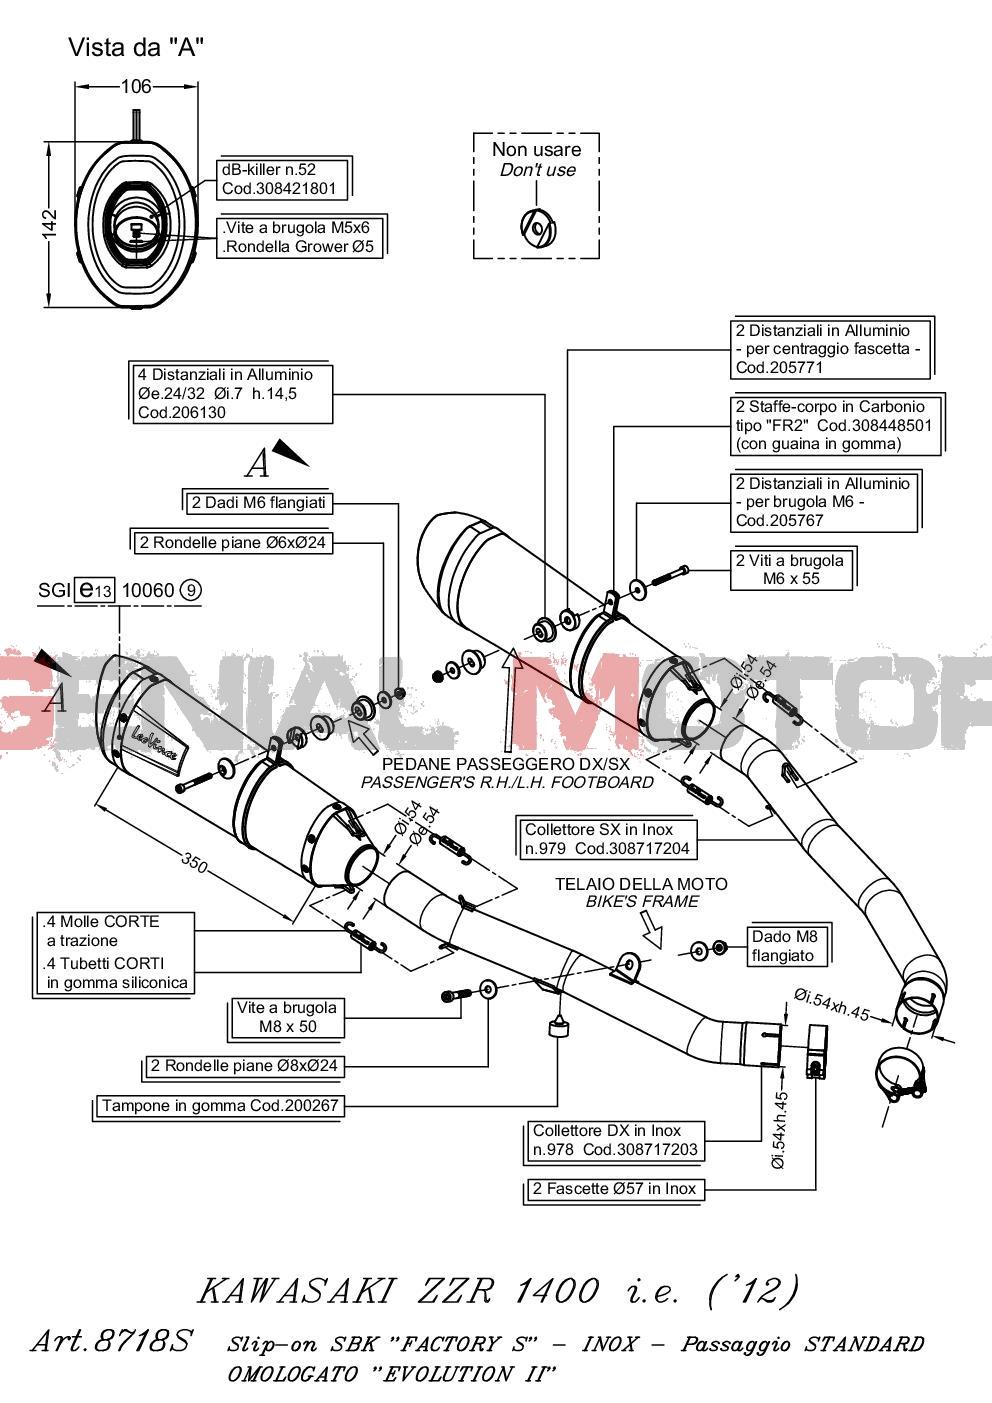 8718S 2 Terminali Scarico Leovince Factory S Acc Kawasaki Zzr 1400/Zx 14 R 2012 > 2015